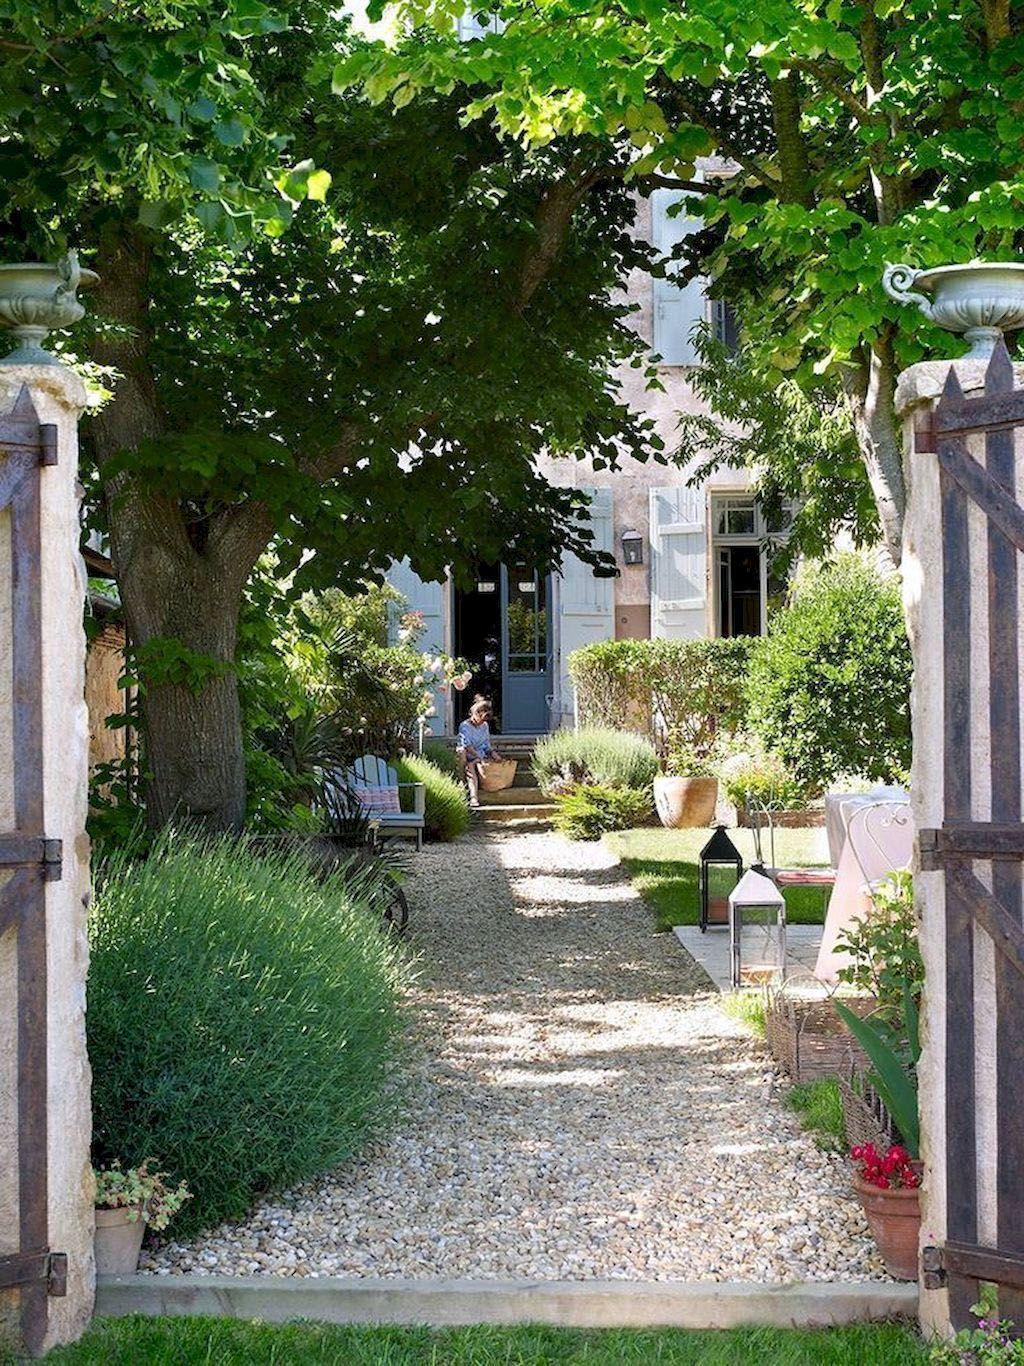 Stunning Ideas for a small front garden ideas no grass uk ...